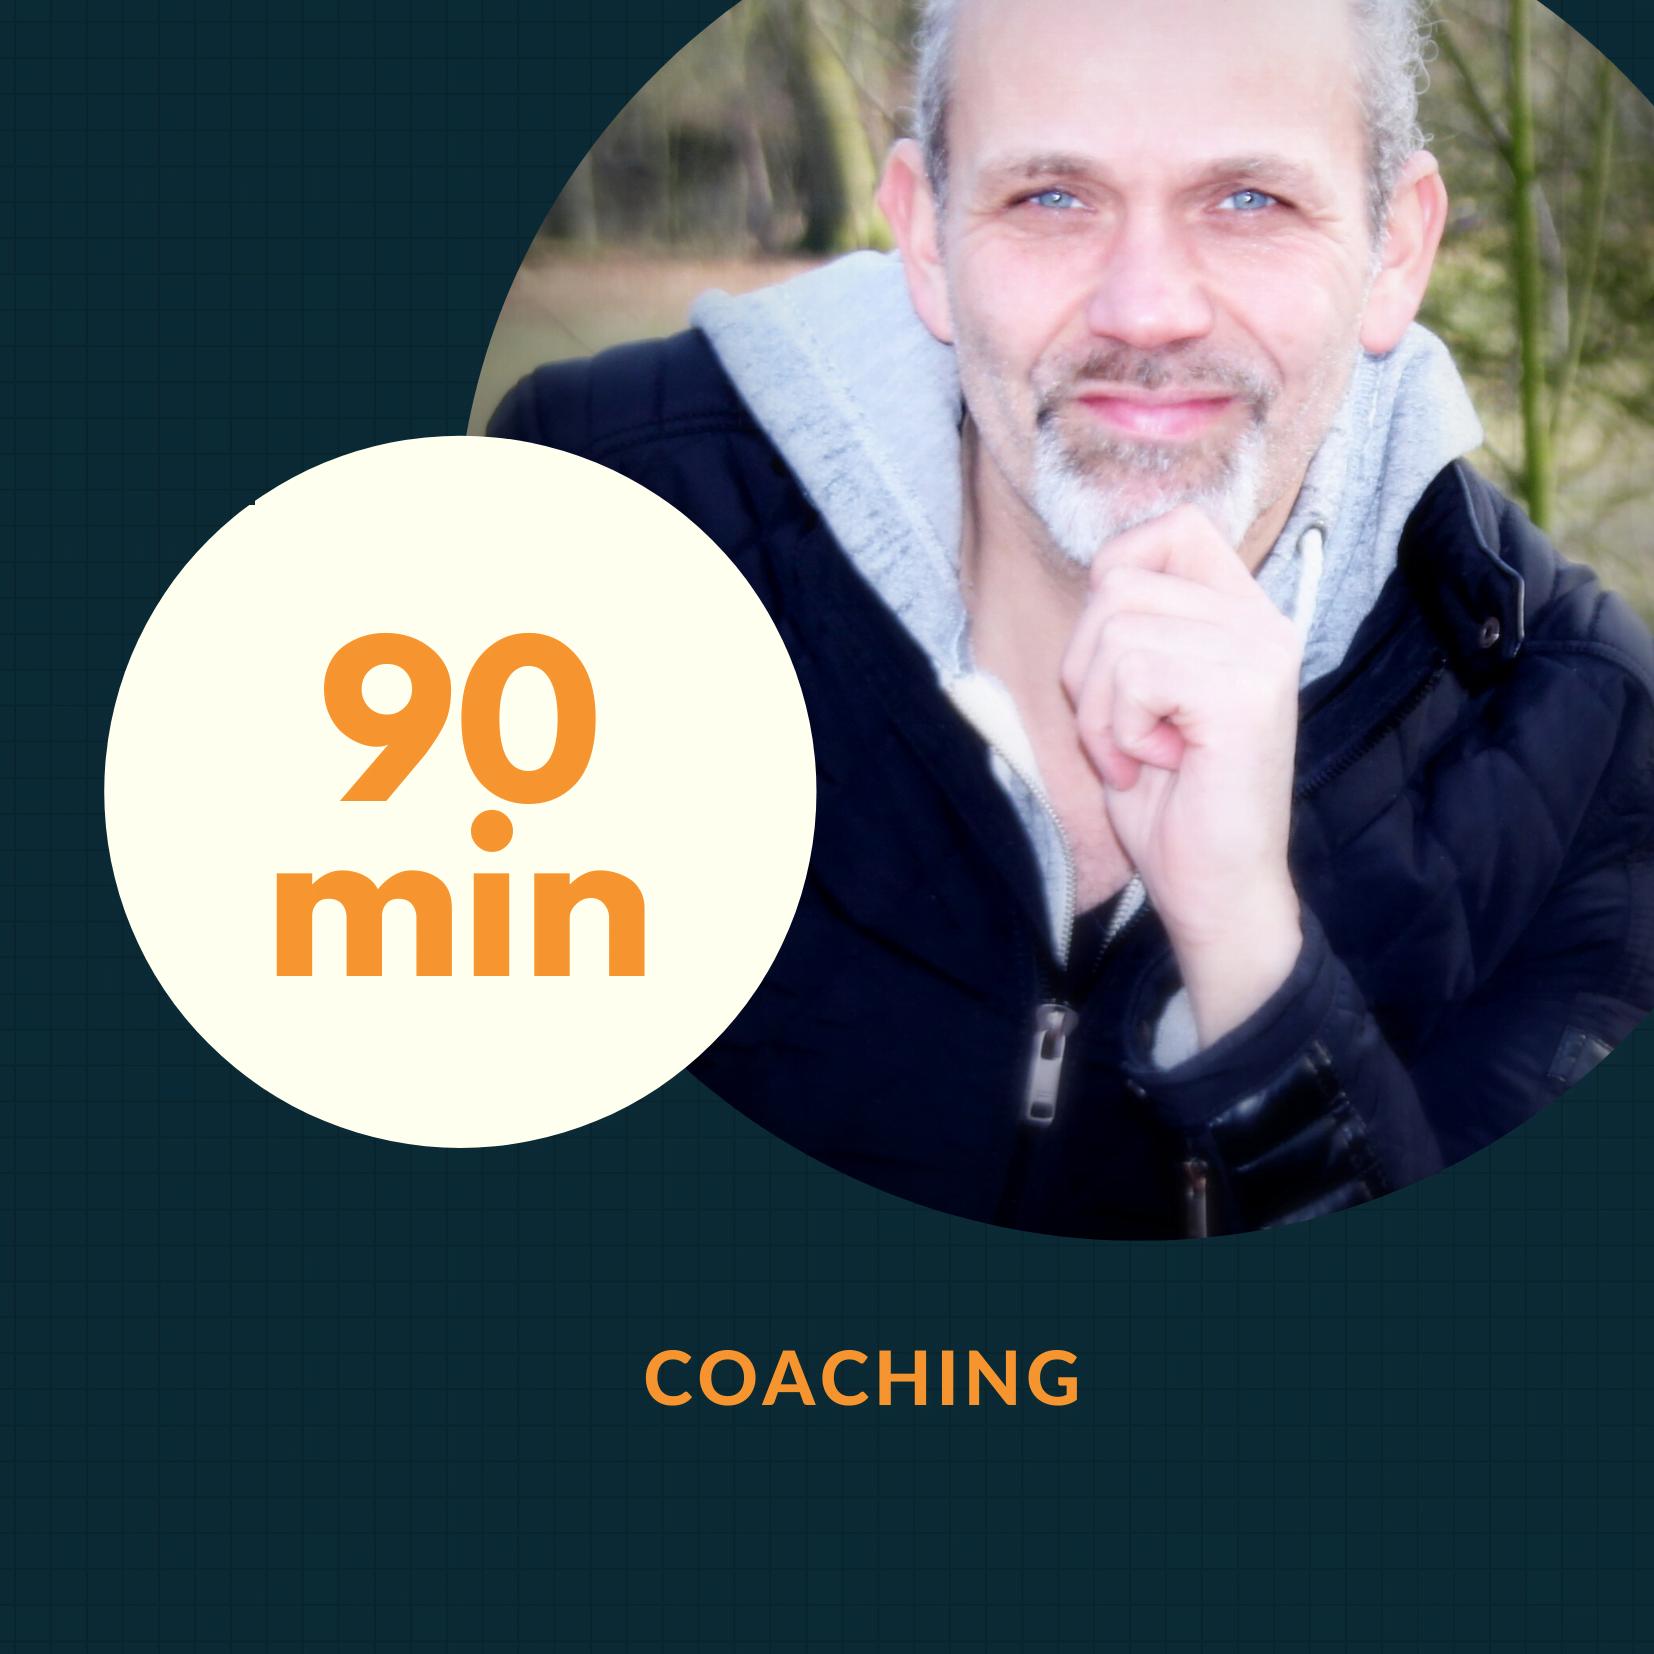 Coaching Ron ten Voorde 90 min